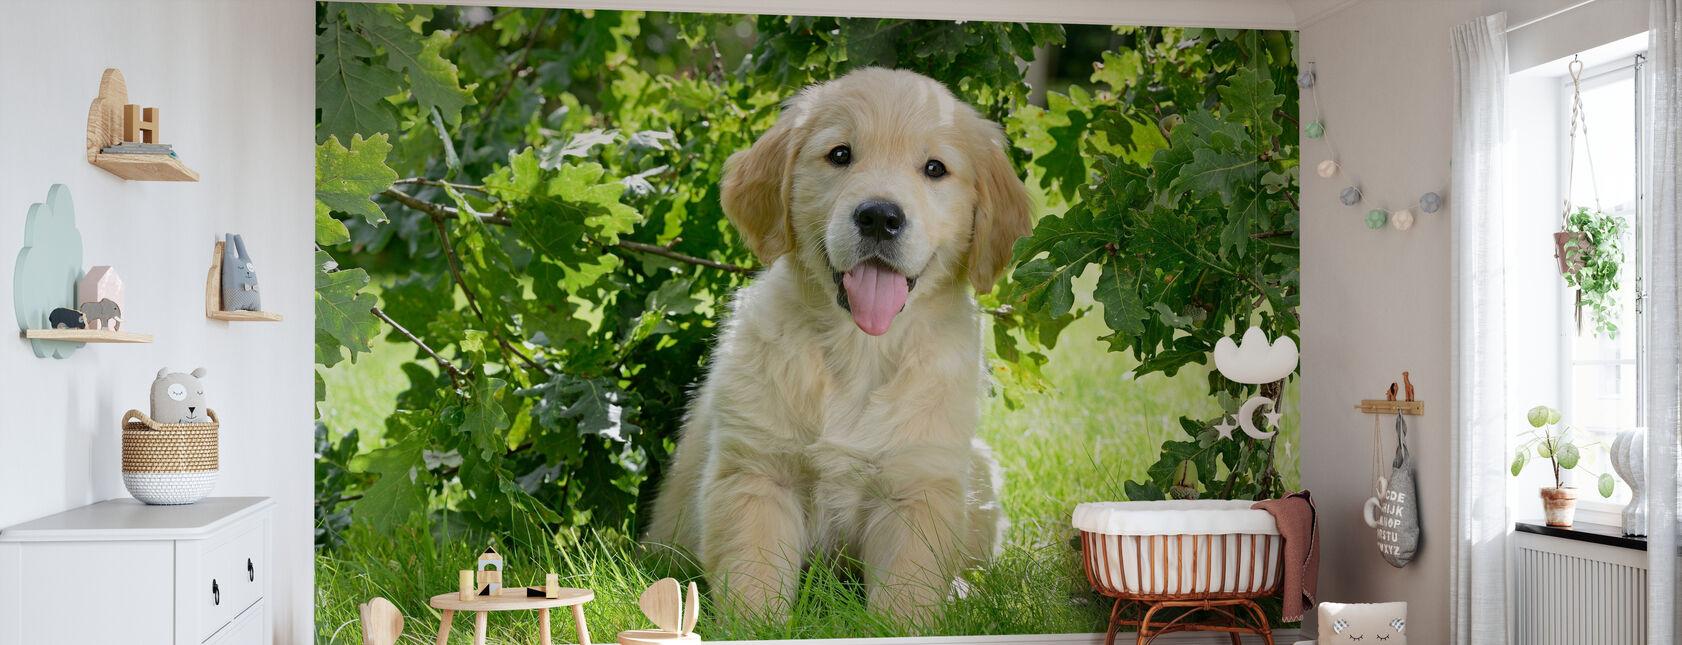 Golden Retriever Puppy - Behang - Babykamer